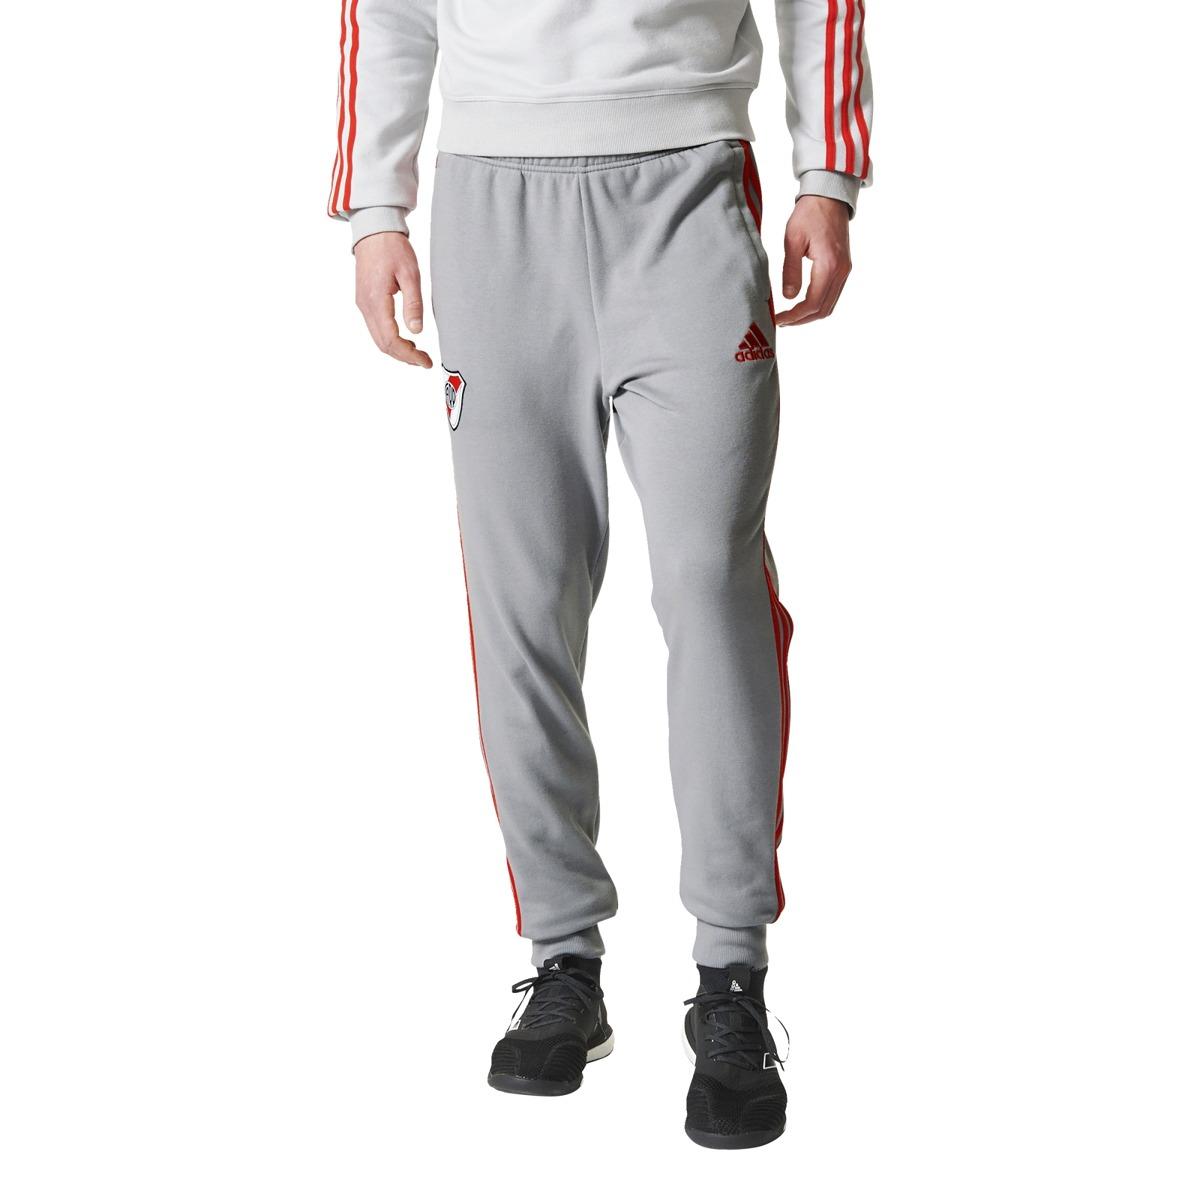 1 Gr Futbol Mercado 00 019 En Hombre Adidas Plate Pantalon River 5gXBxYOq